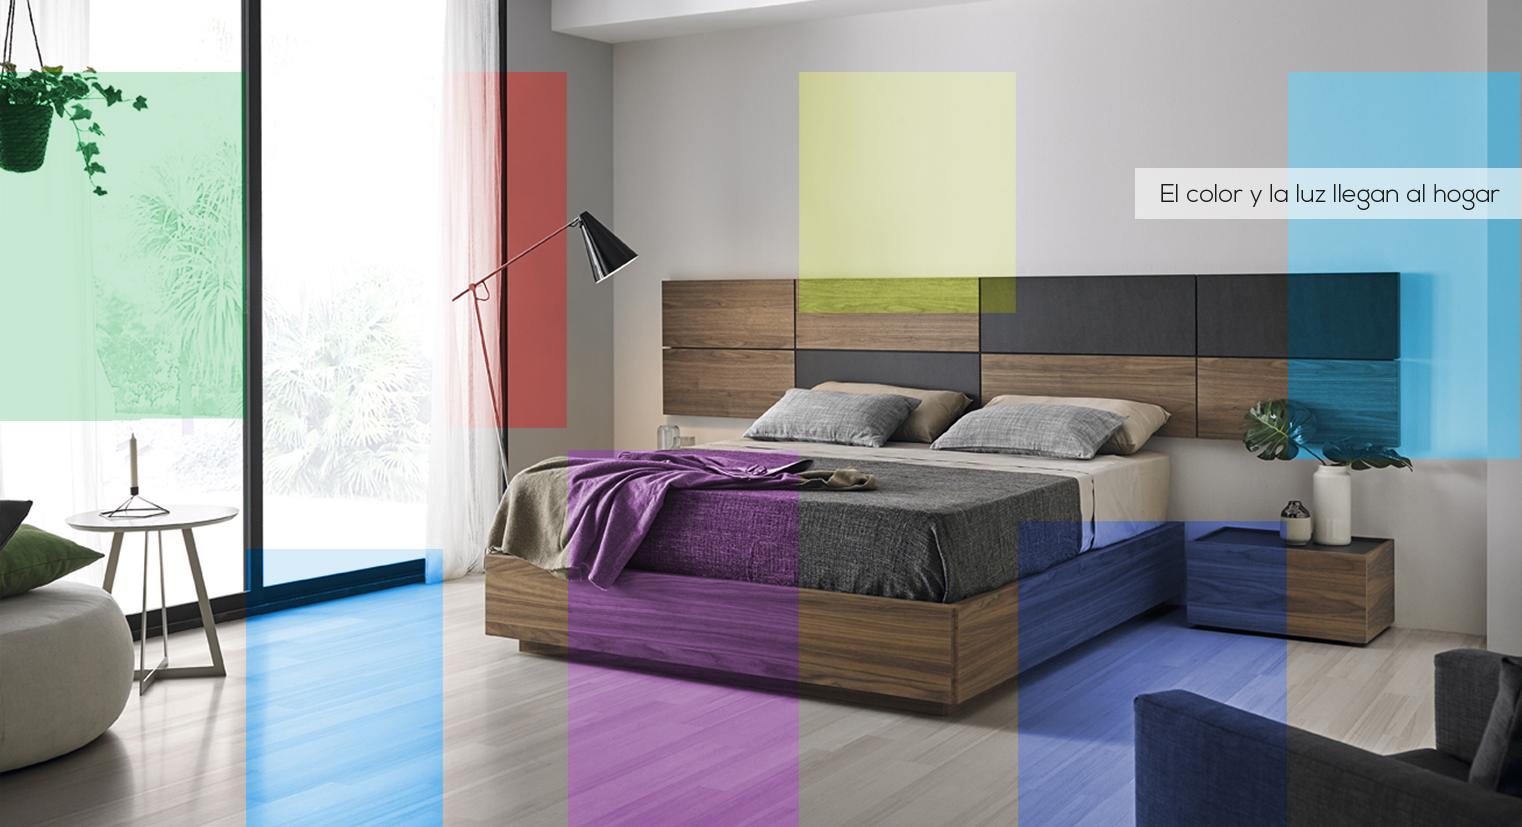 Bienvenidos a dg muebles cocinas i mobiliario de hogar y - Cocina hogar chiclana catalogo ...